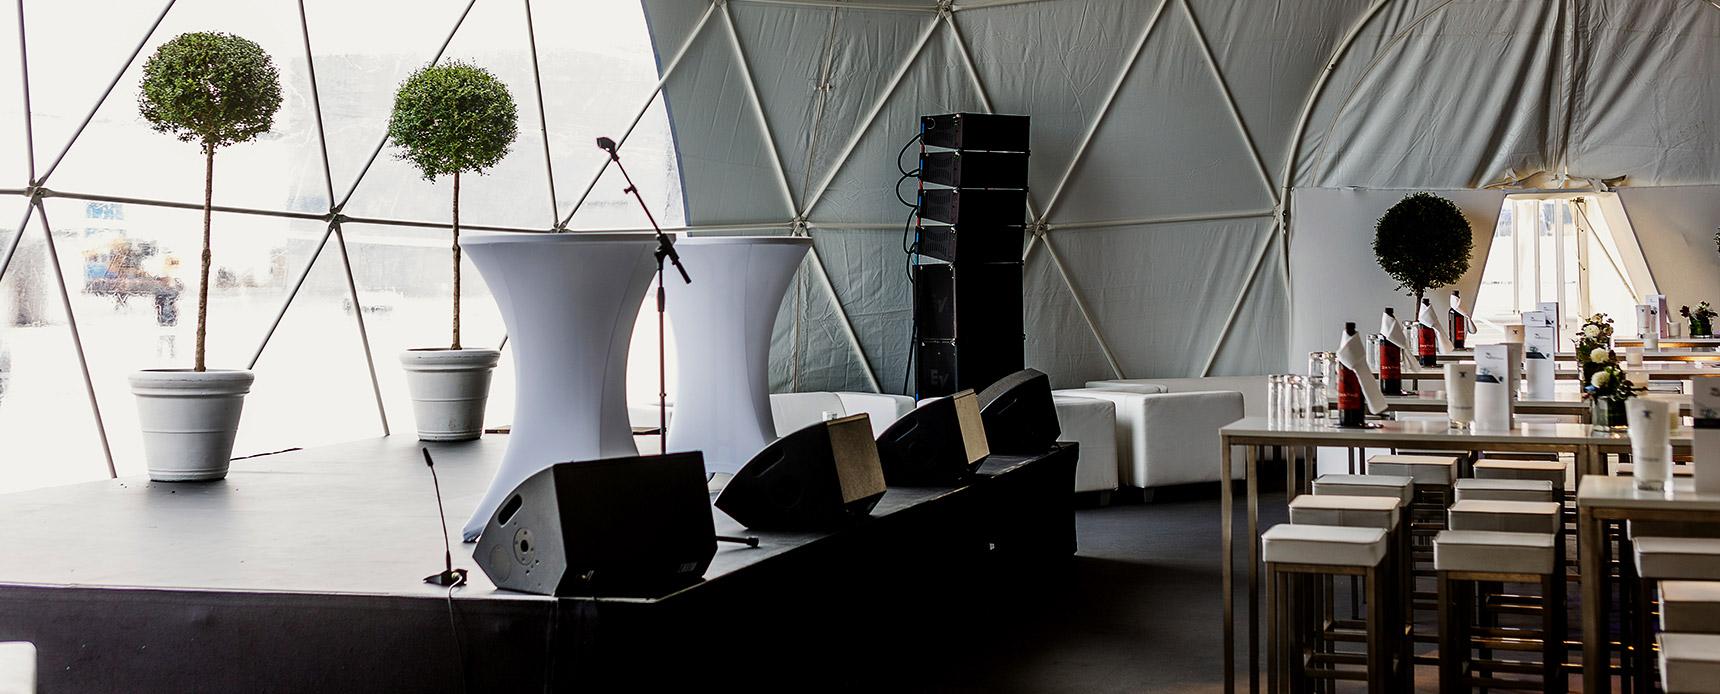 Konventionelle Bühne